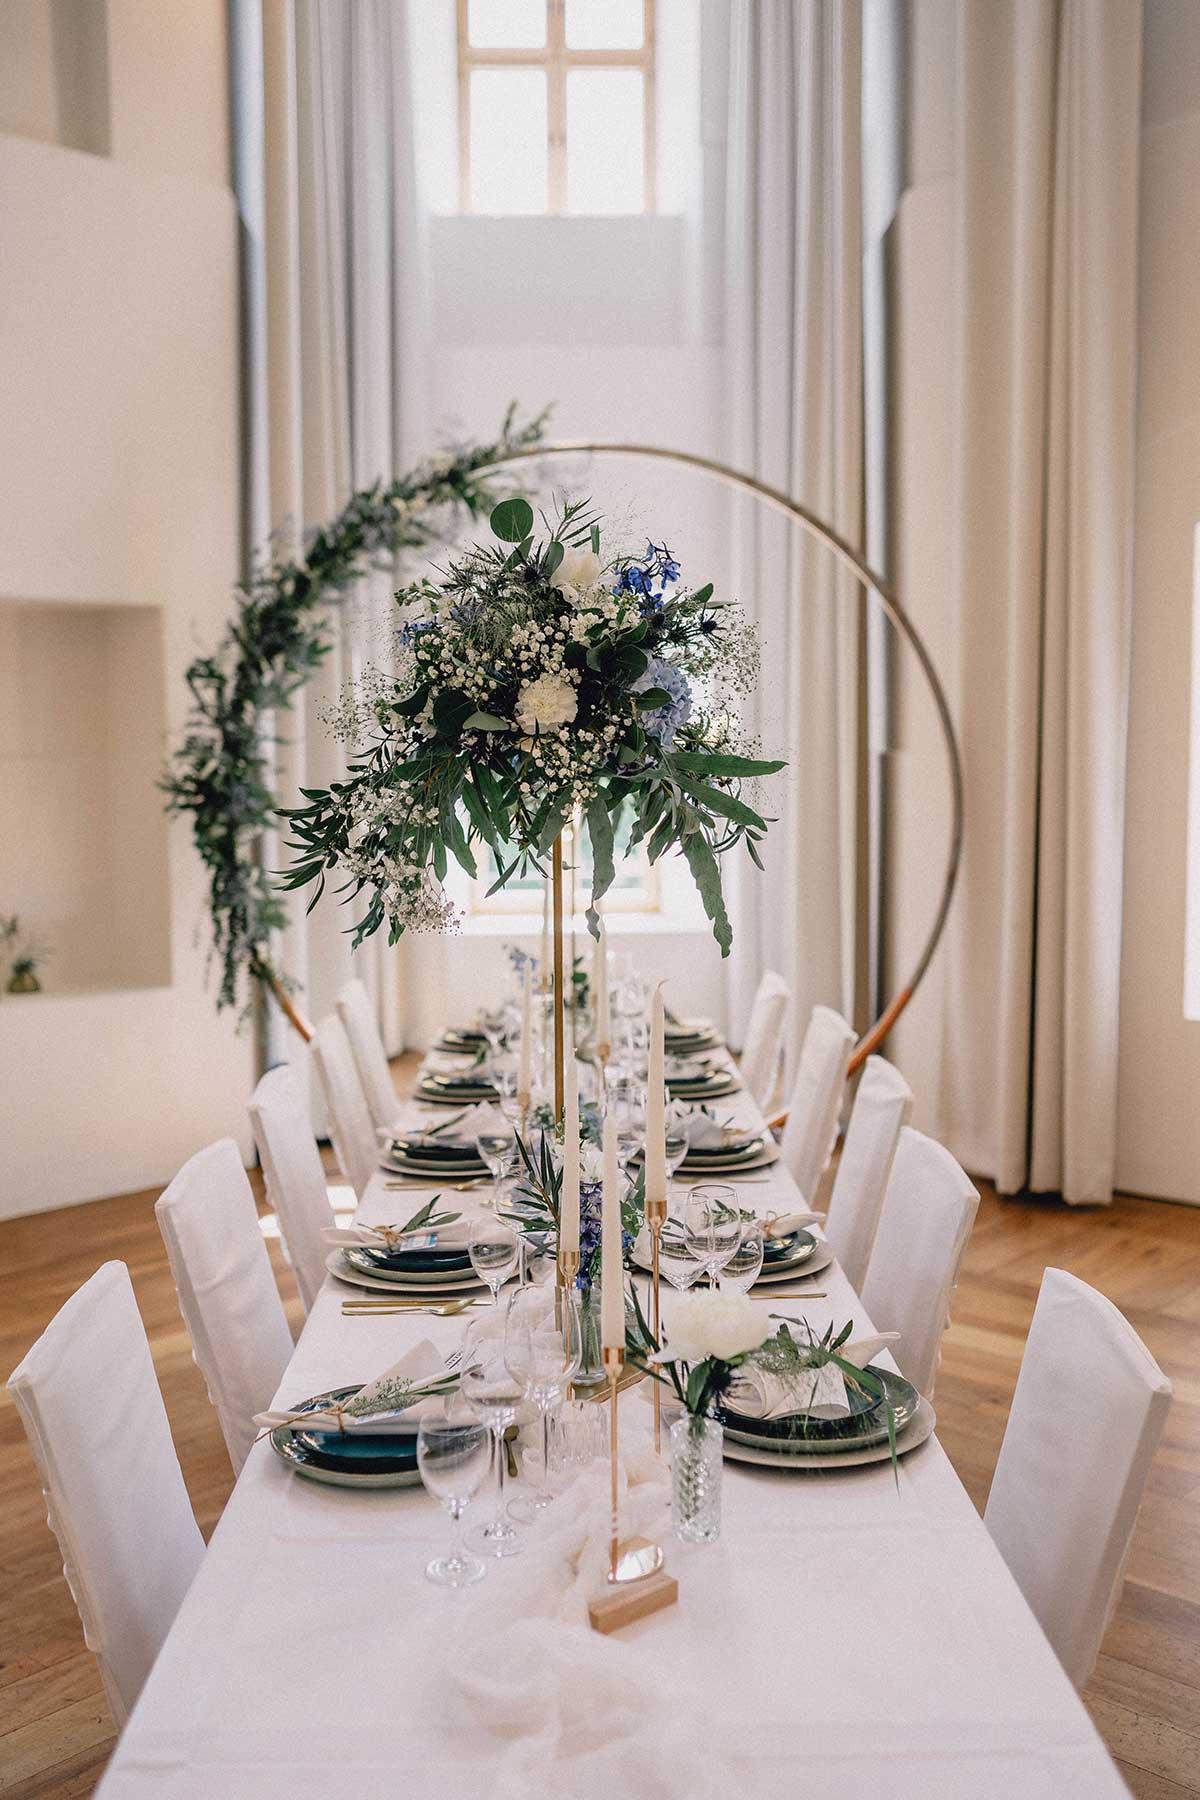 Tischdekoration einer langen Tafel in Blau